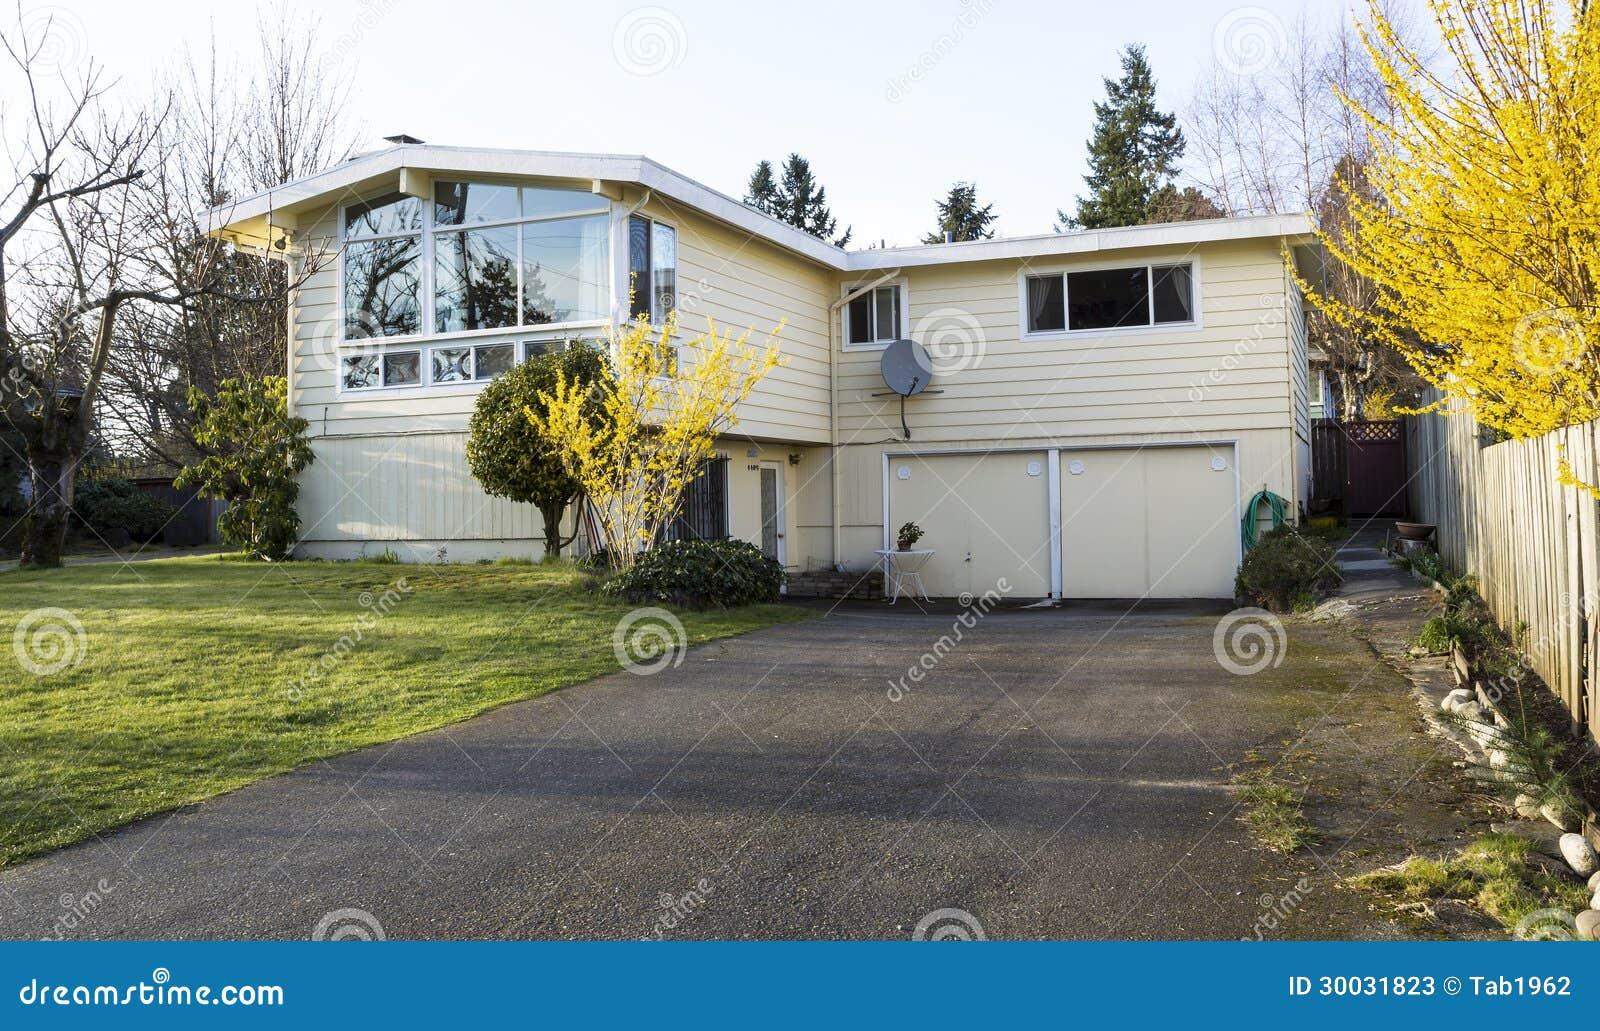 Het oudere enige huis van de familie met grote oprijlaan in het vroege overzees van de lente - Foto van eigentijds huis ...